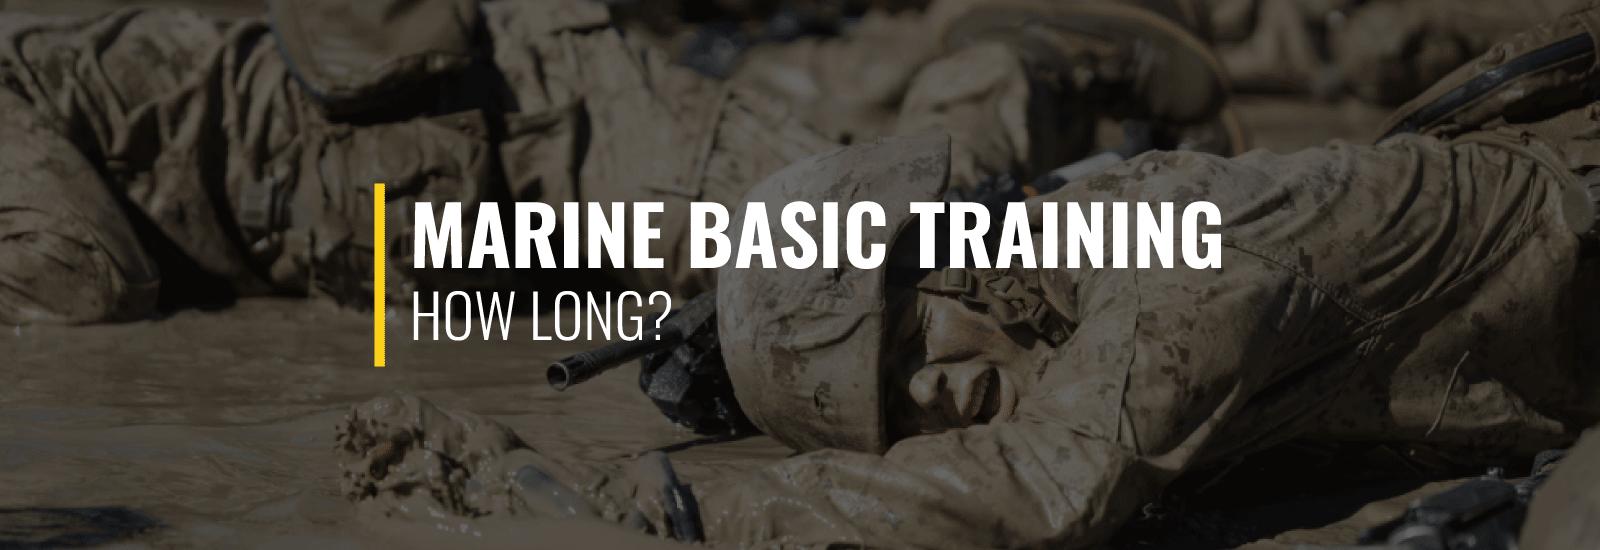 How Long Is Marine Basic Training?